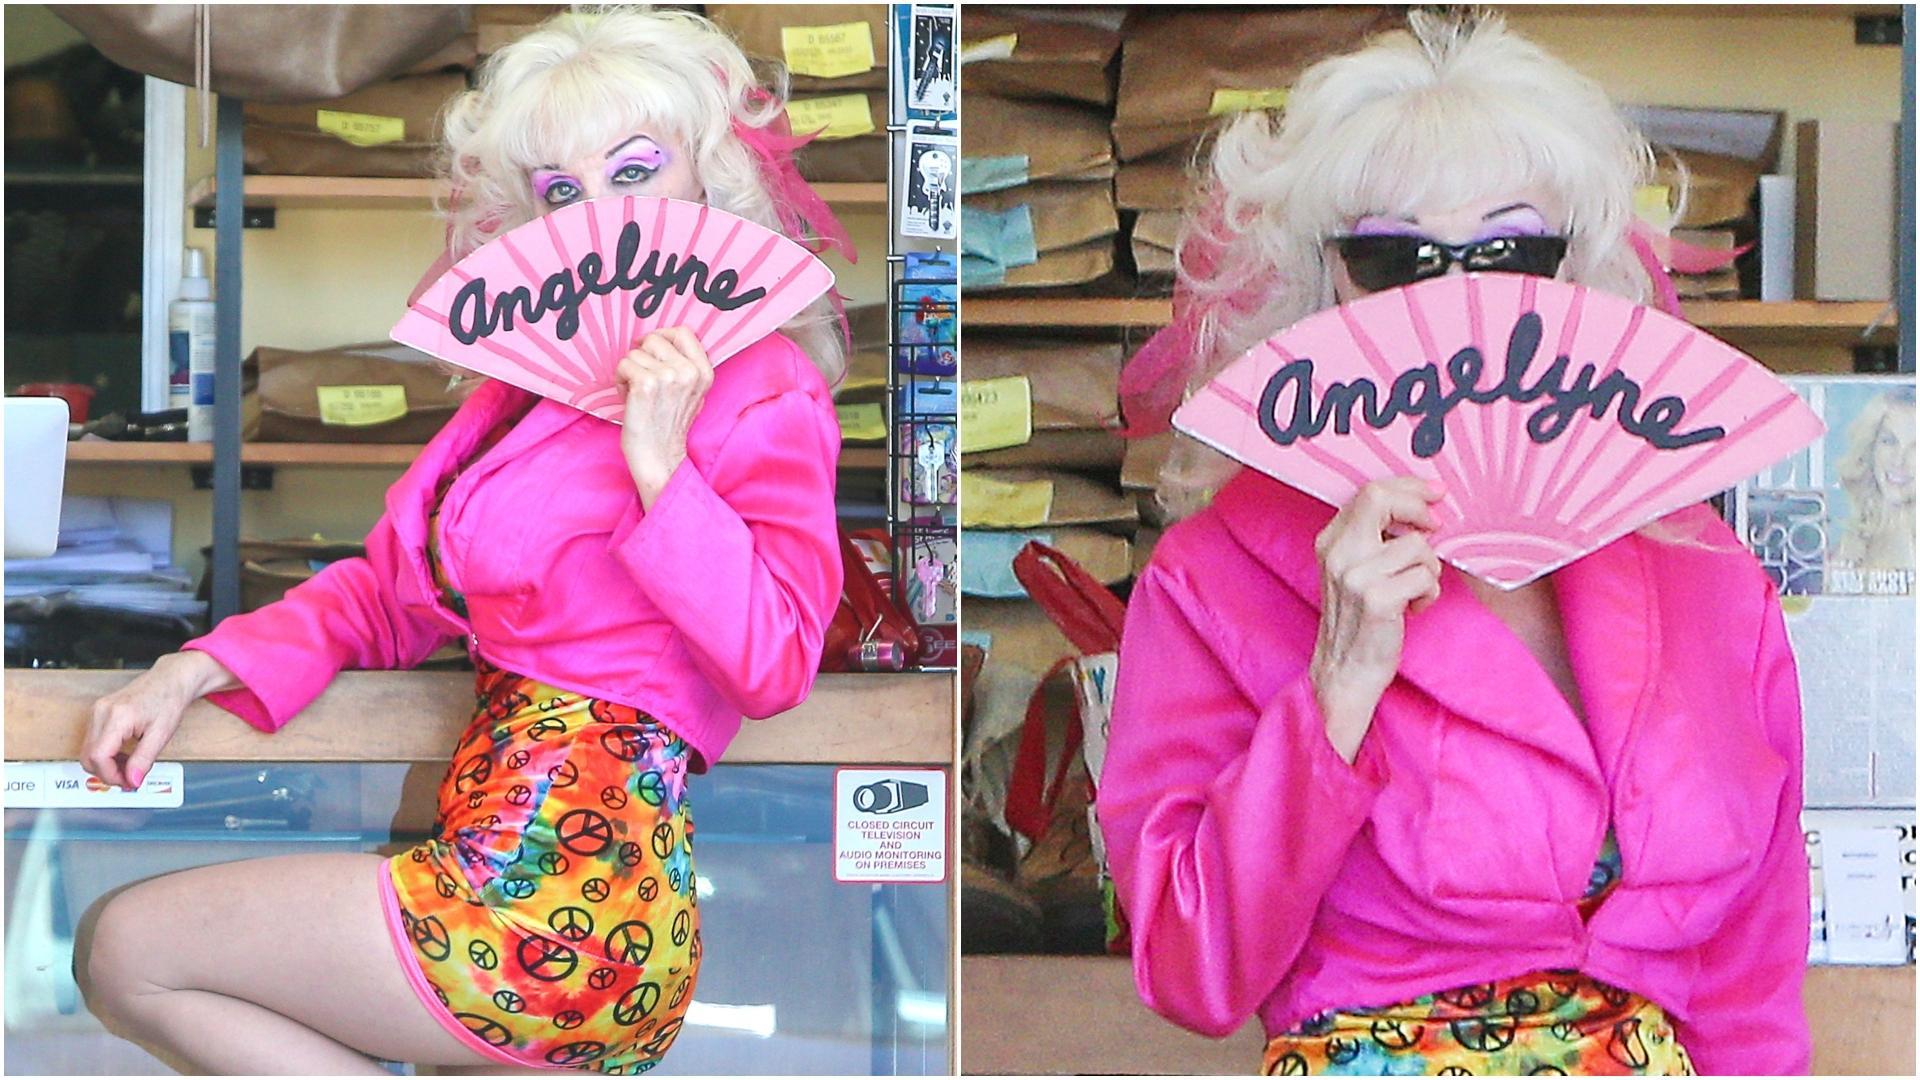 Angelyne are corp de puștoaică, dar puțini îi pot ghici vârsta adevărată fără să-i vadă fața. Cum arată și câți ani are, de fapt